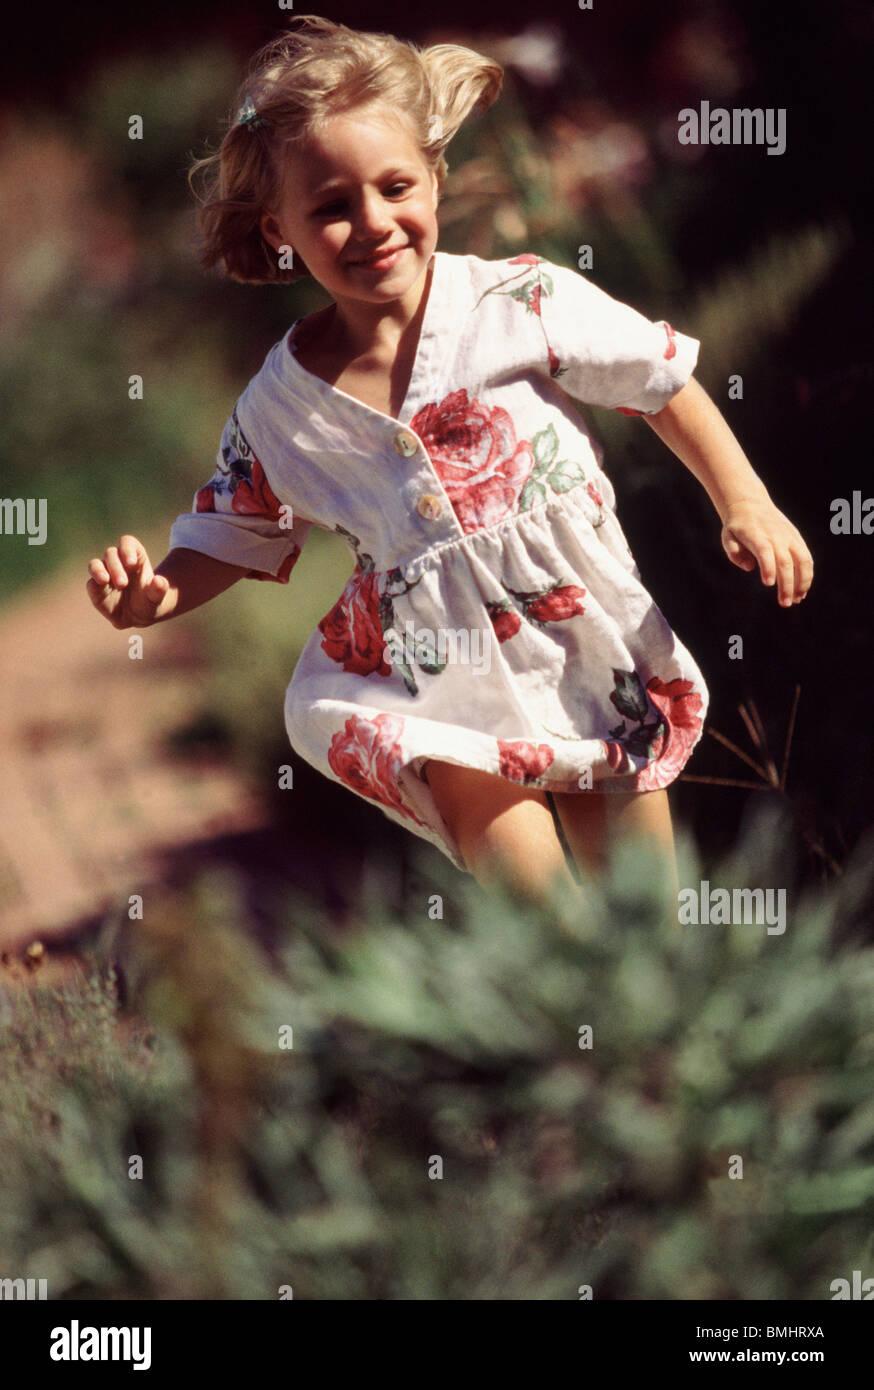 Joven correr afuera Imagen De Stock